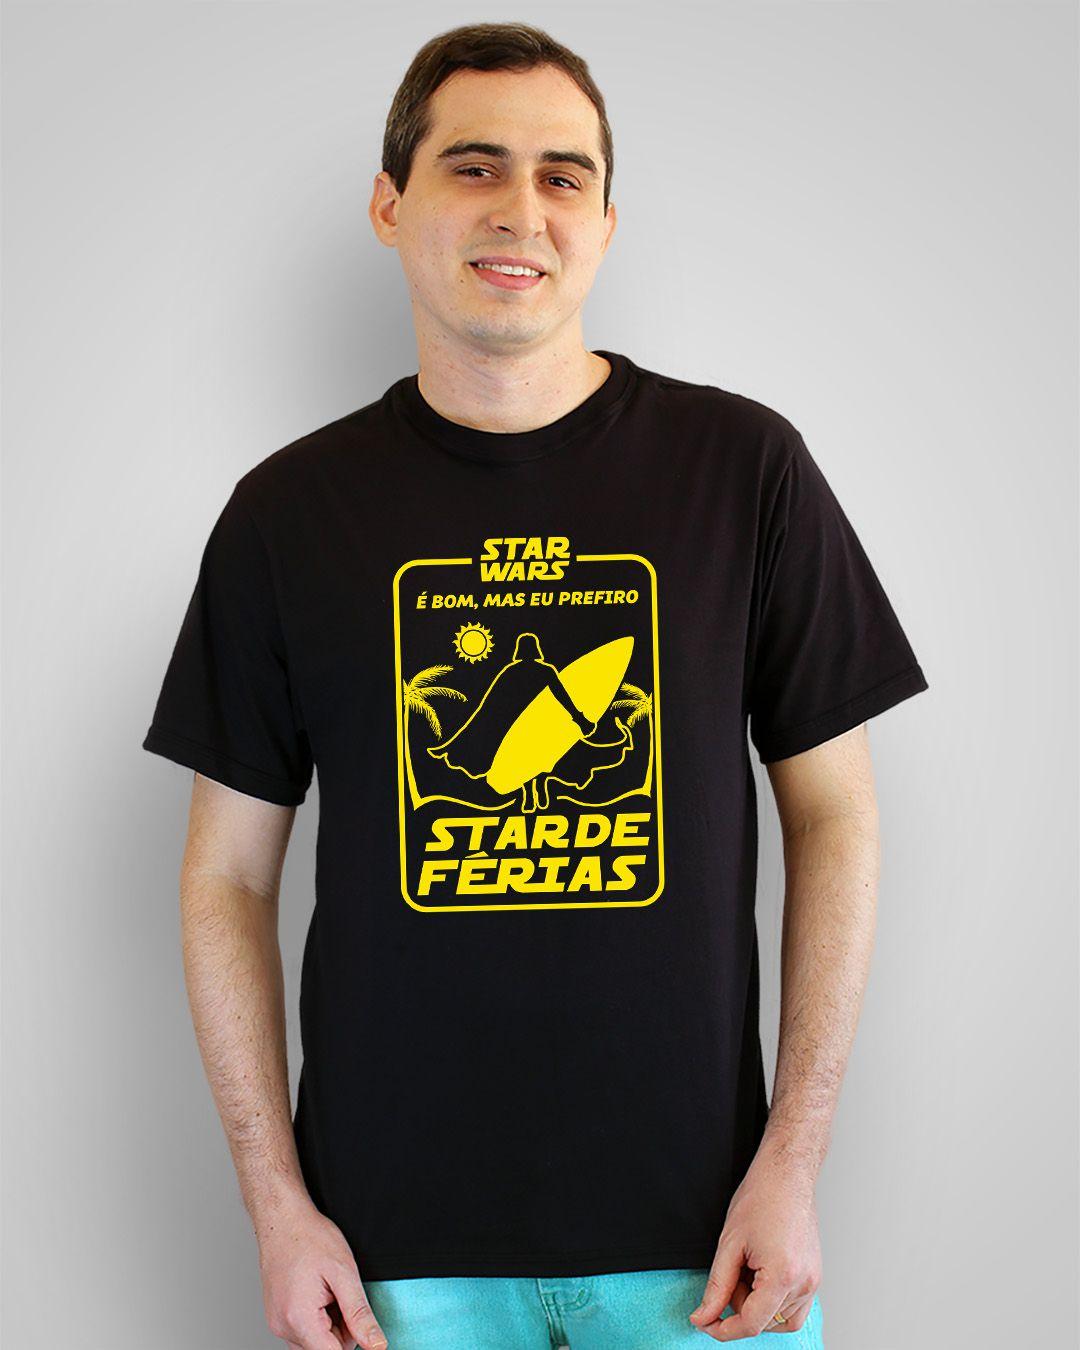 Camiseta Star Wars é bom, mas eu prefiro Star de férias